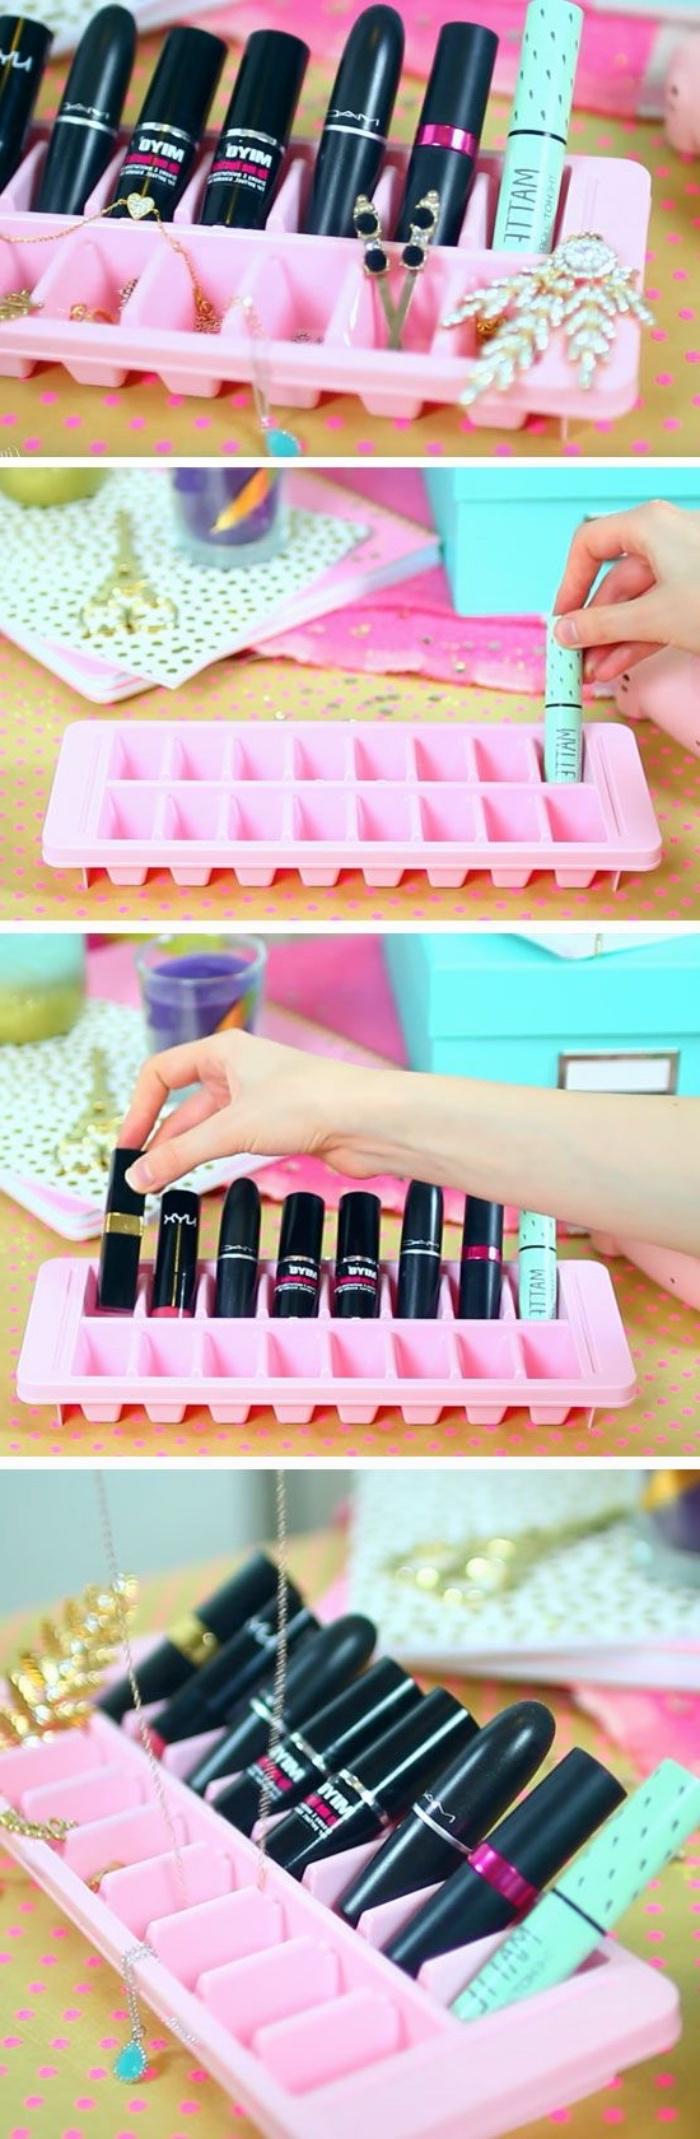 rangement maquillage rouge a levre dans une moule à glaçons, idée organisateur makeup astucieux